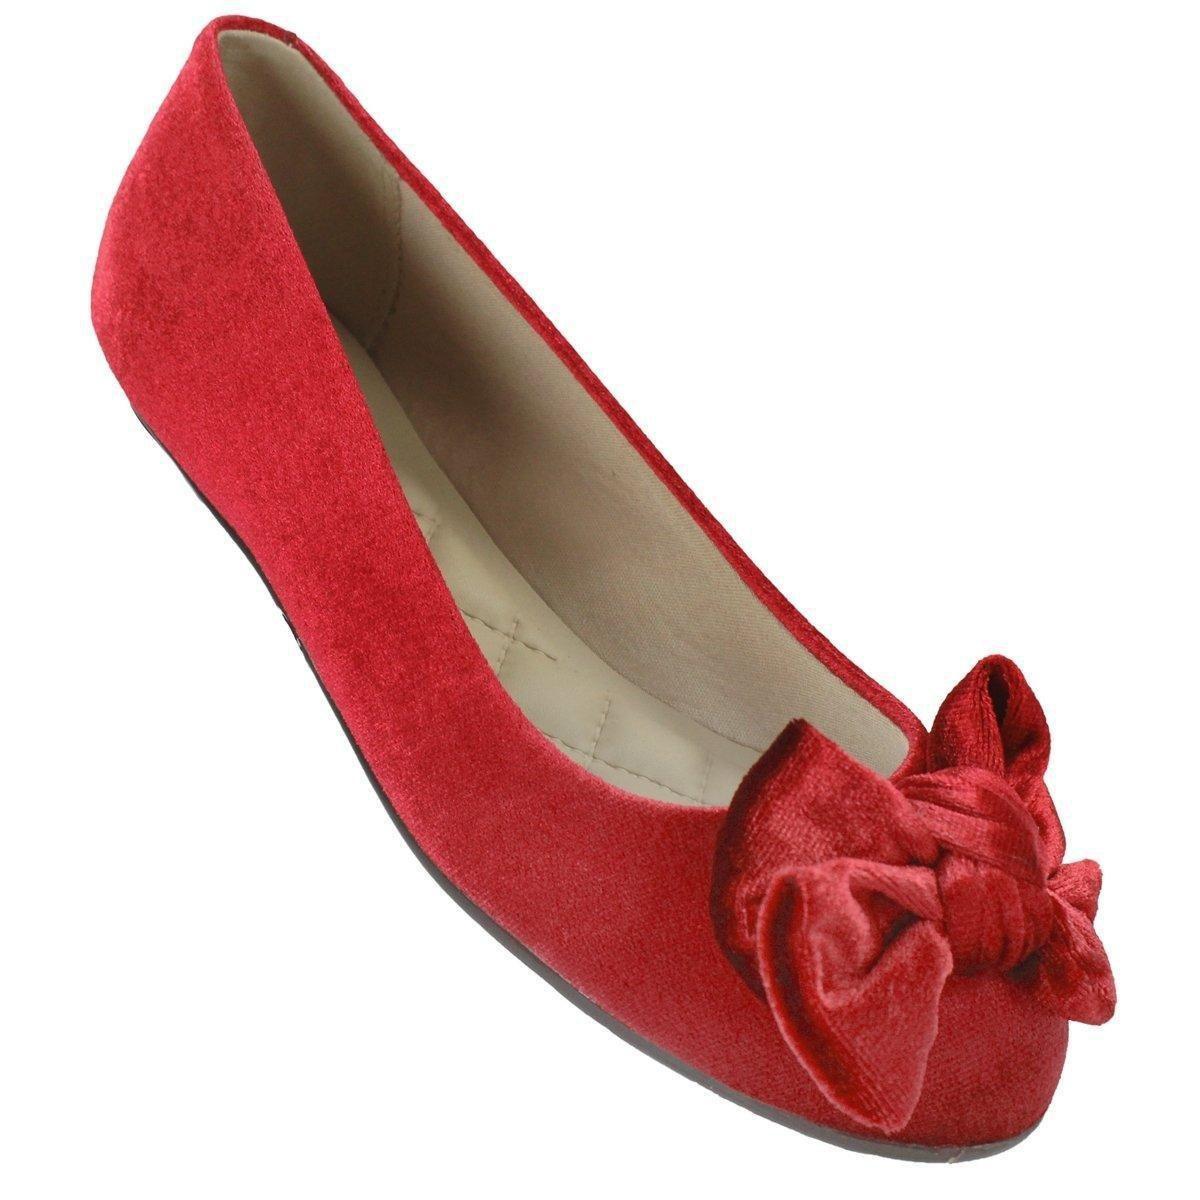 Sapatilha Moleca Laço Veludo Feminina - Vermelho